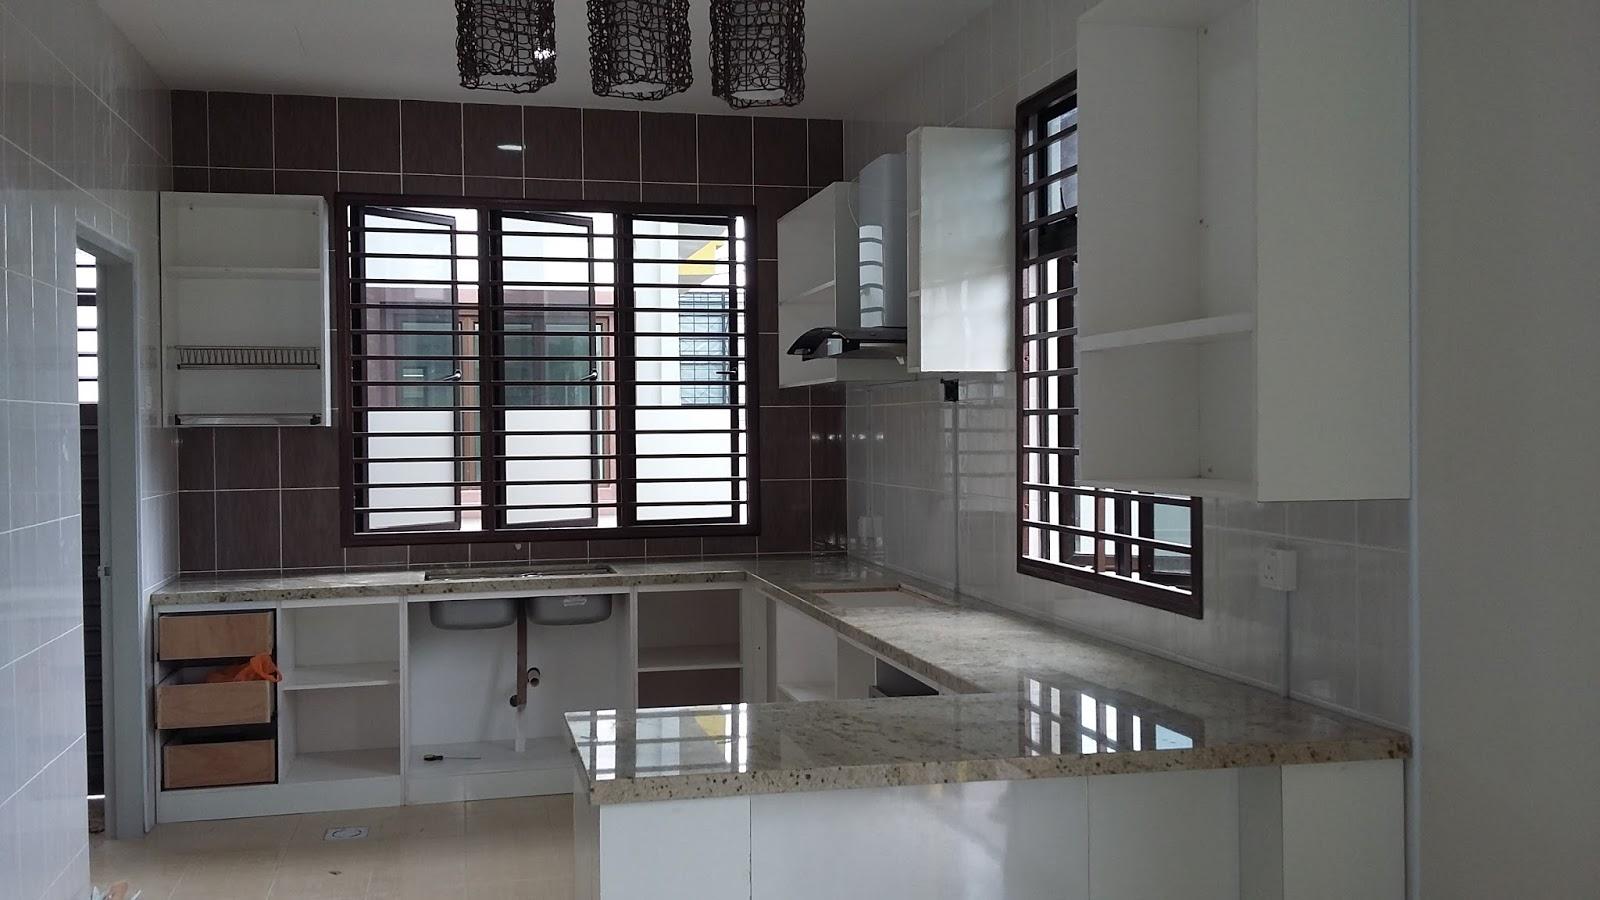 Kami Menyediakan Perkhidmatan Penghantaran Dan Pemasangan Kabinet Dapur Di Sekitar Kuala Lumpur Seremban Seluruh Negeri Sembilan Melaka